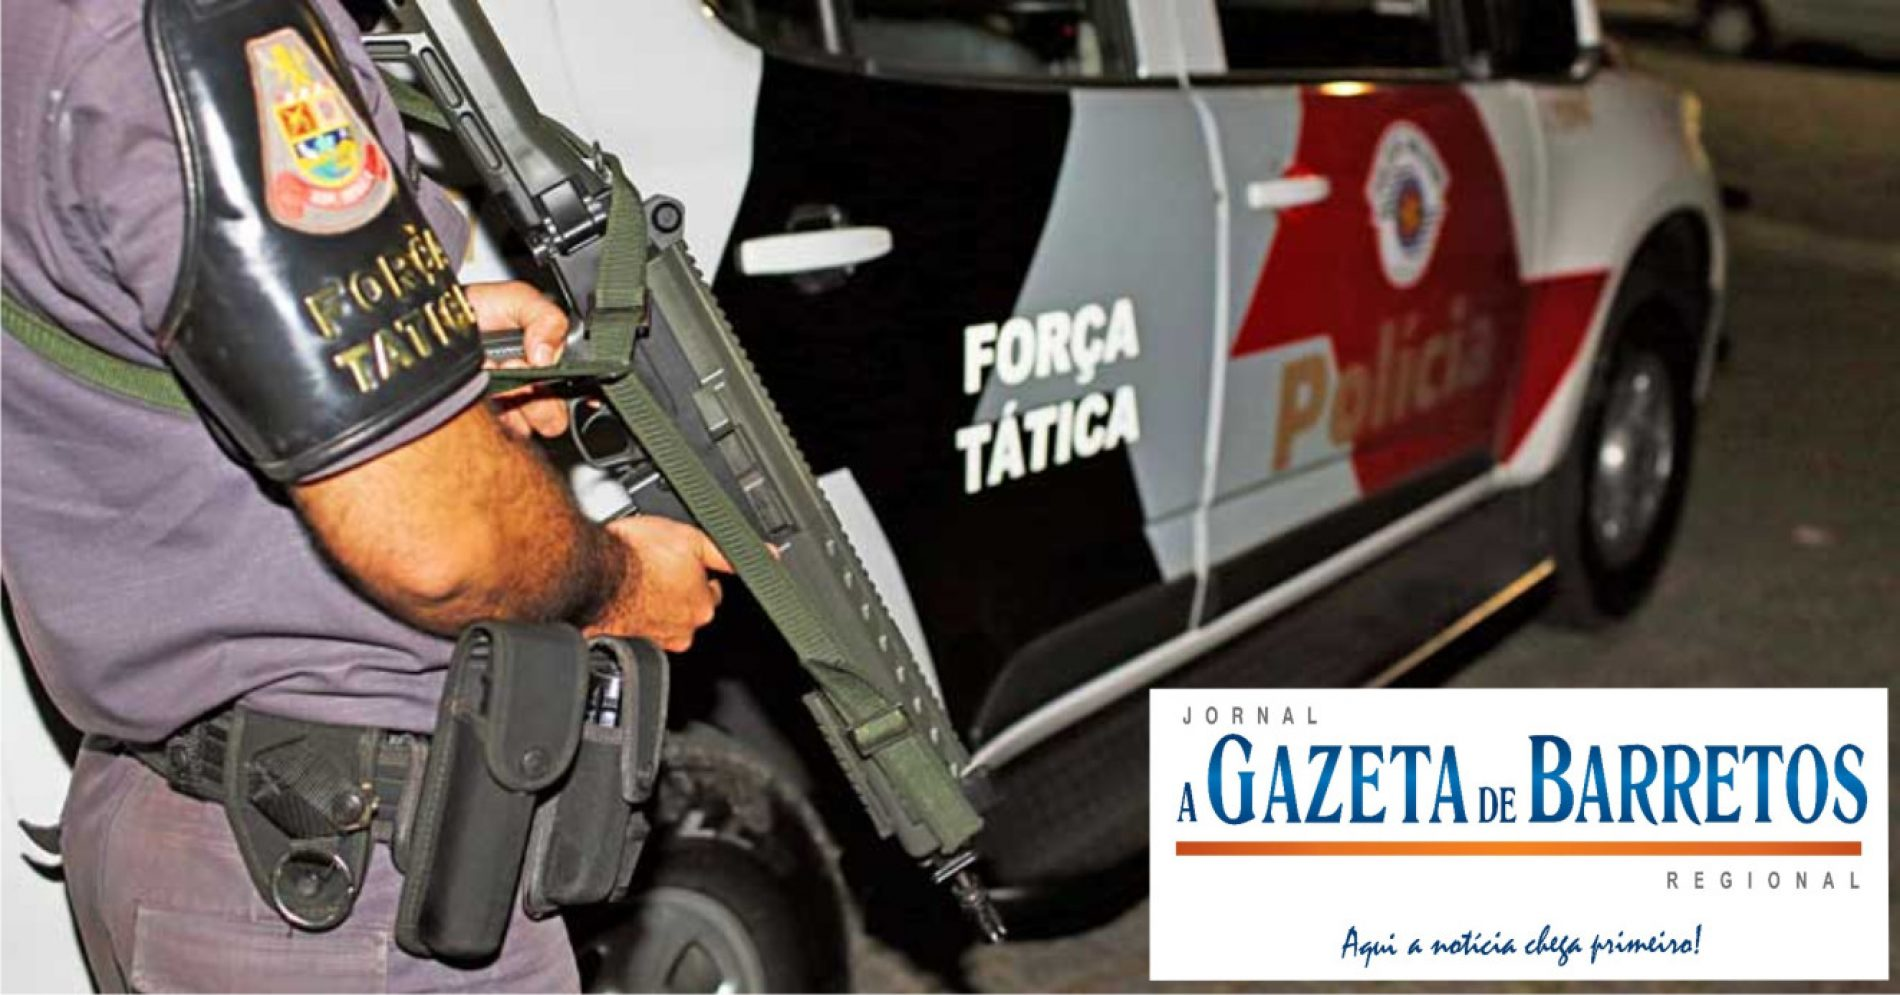 Força Tática detém menor por tráfico de drogas no bairro Nova Barretos